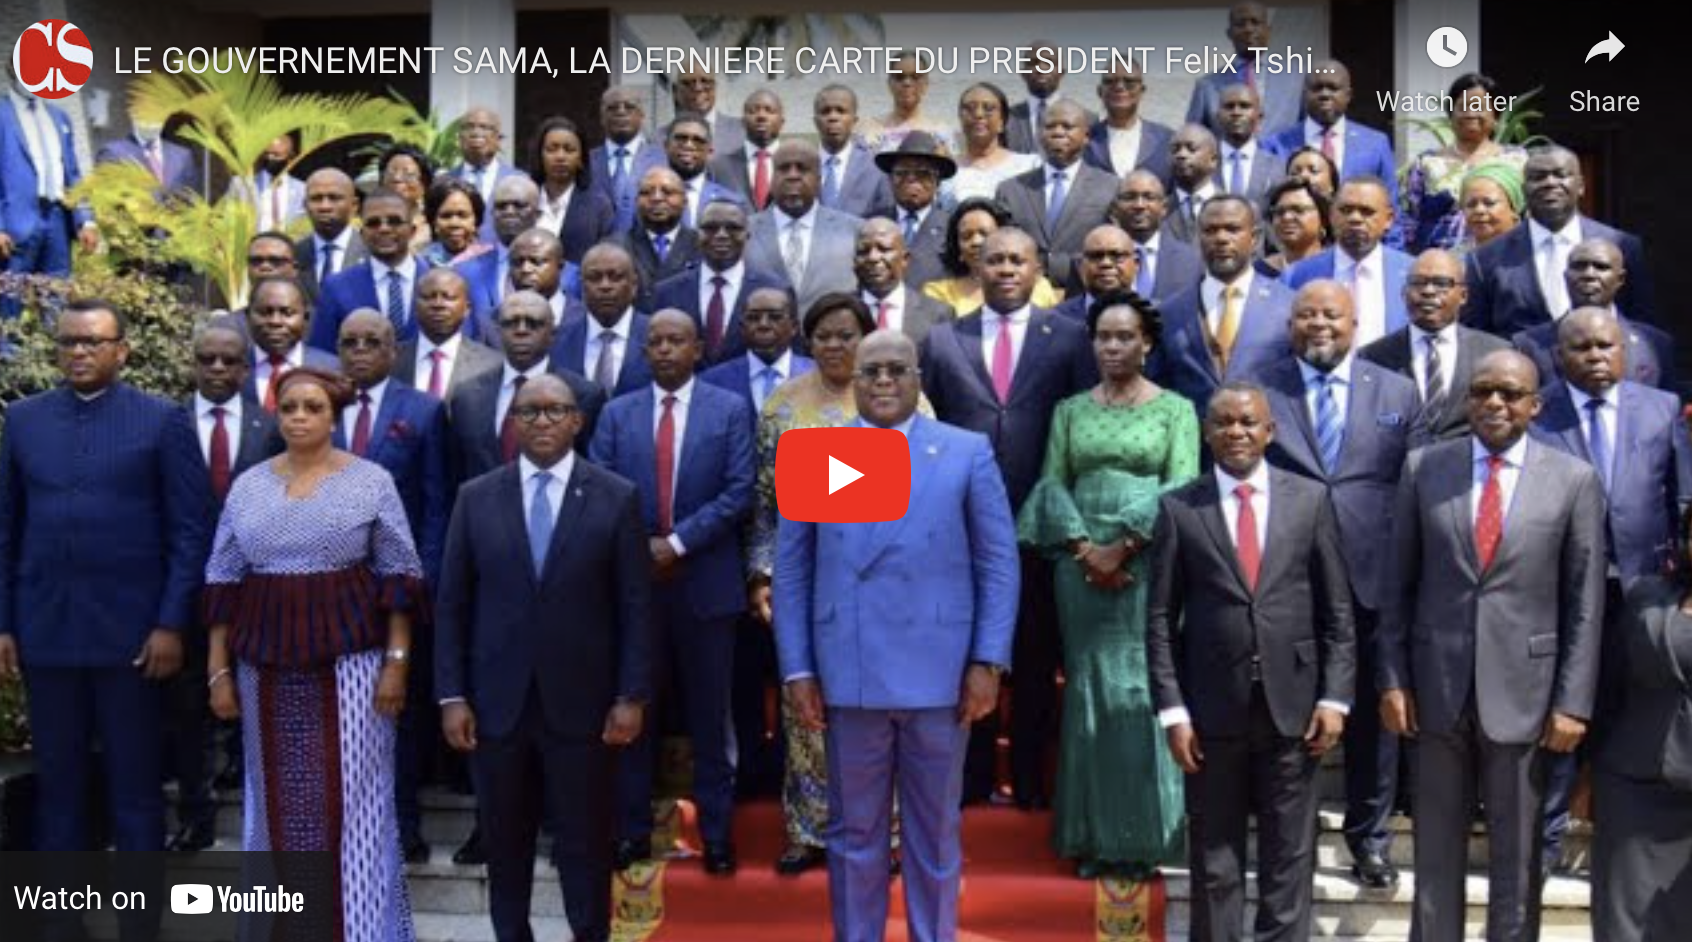 LE GOUVERNEMENT SAMA, LA DERNIERE CARTE DU PRESIDENT Felix Tshisekedi.